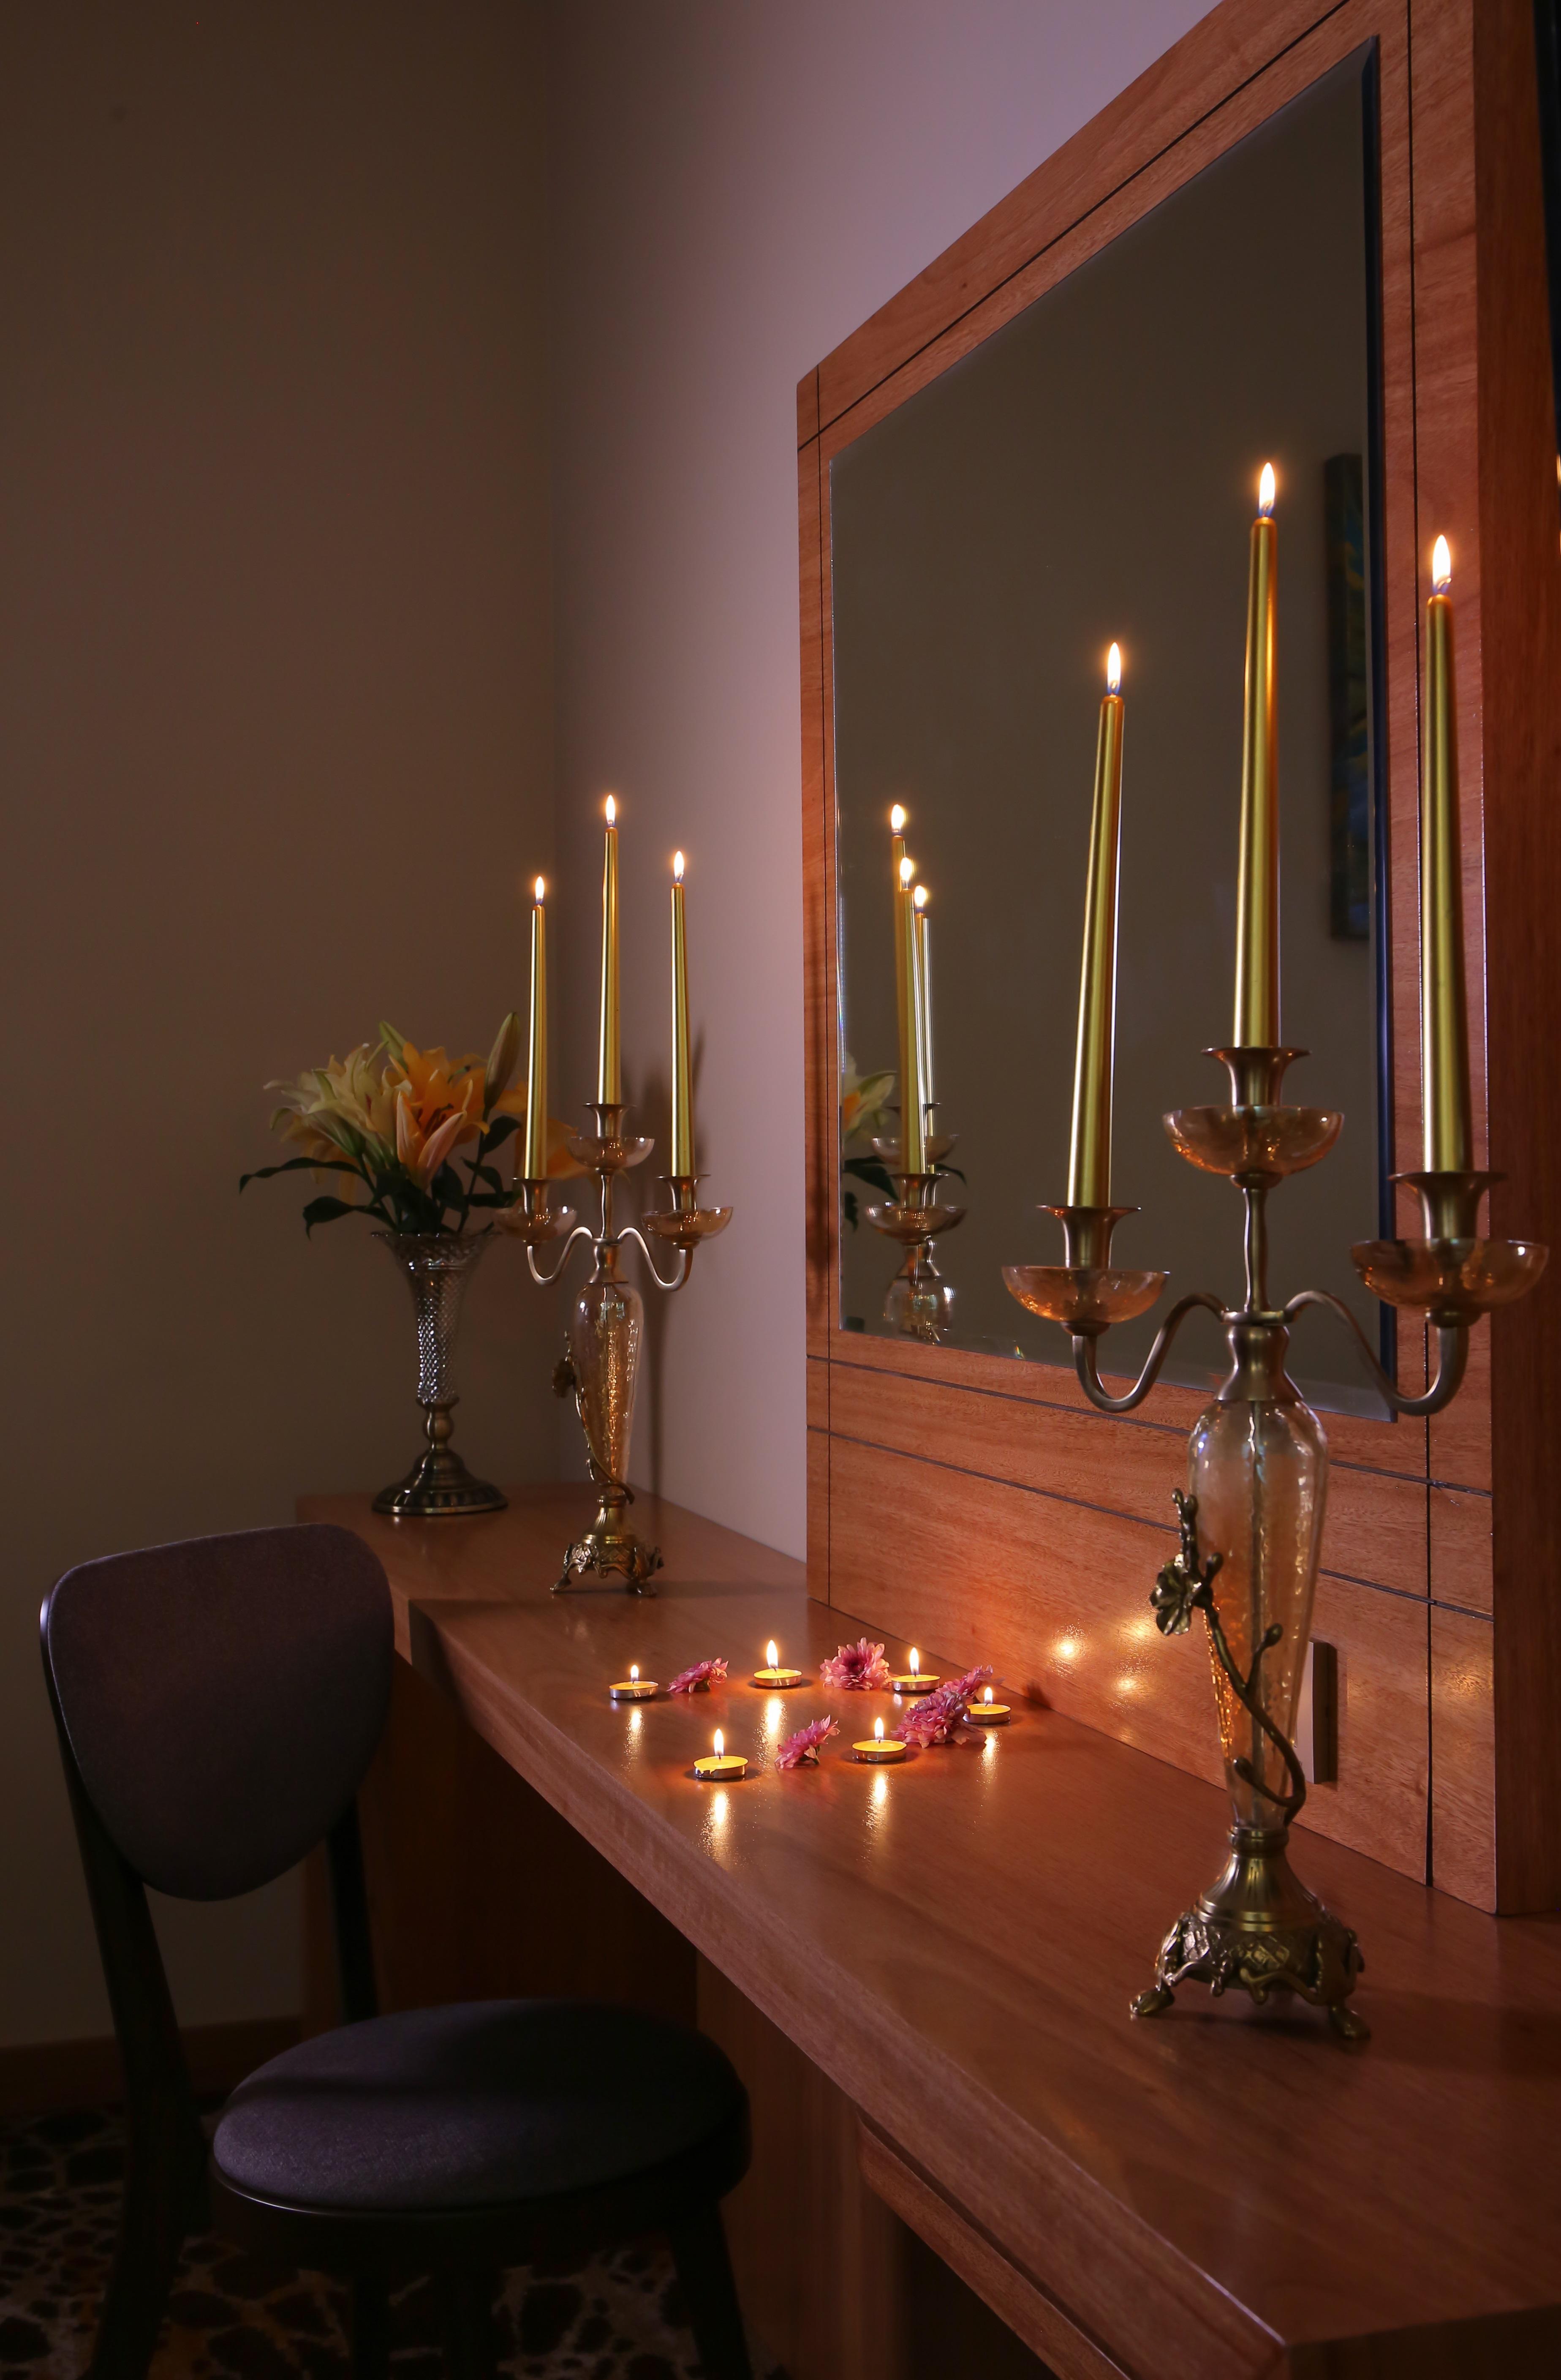 Lumière Bougie éclairage Bougeoir Chambre Design Du0027intérieur Table Bougie  Du0027unité Luminaire Vacances